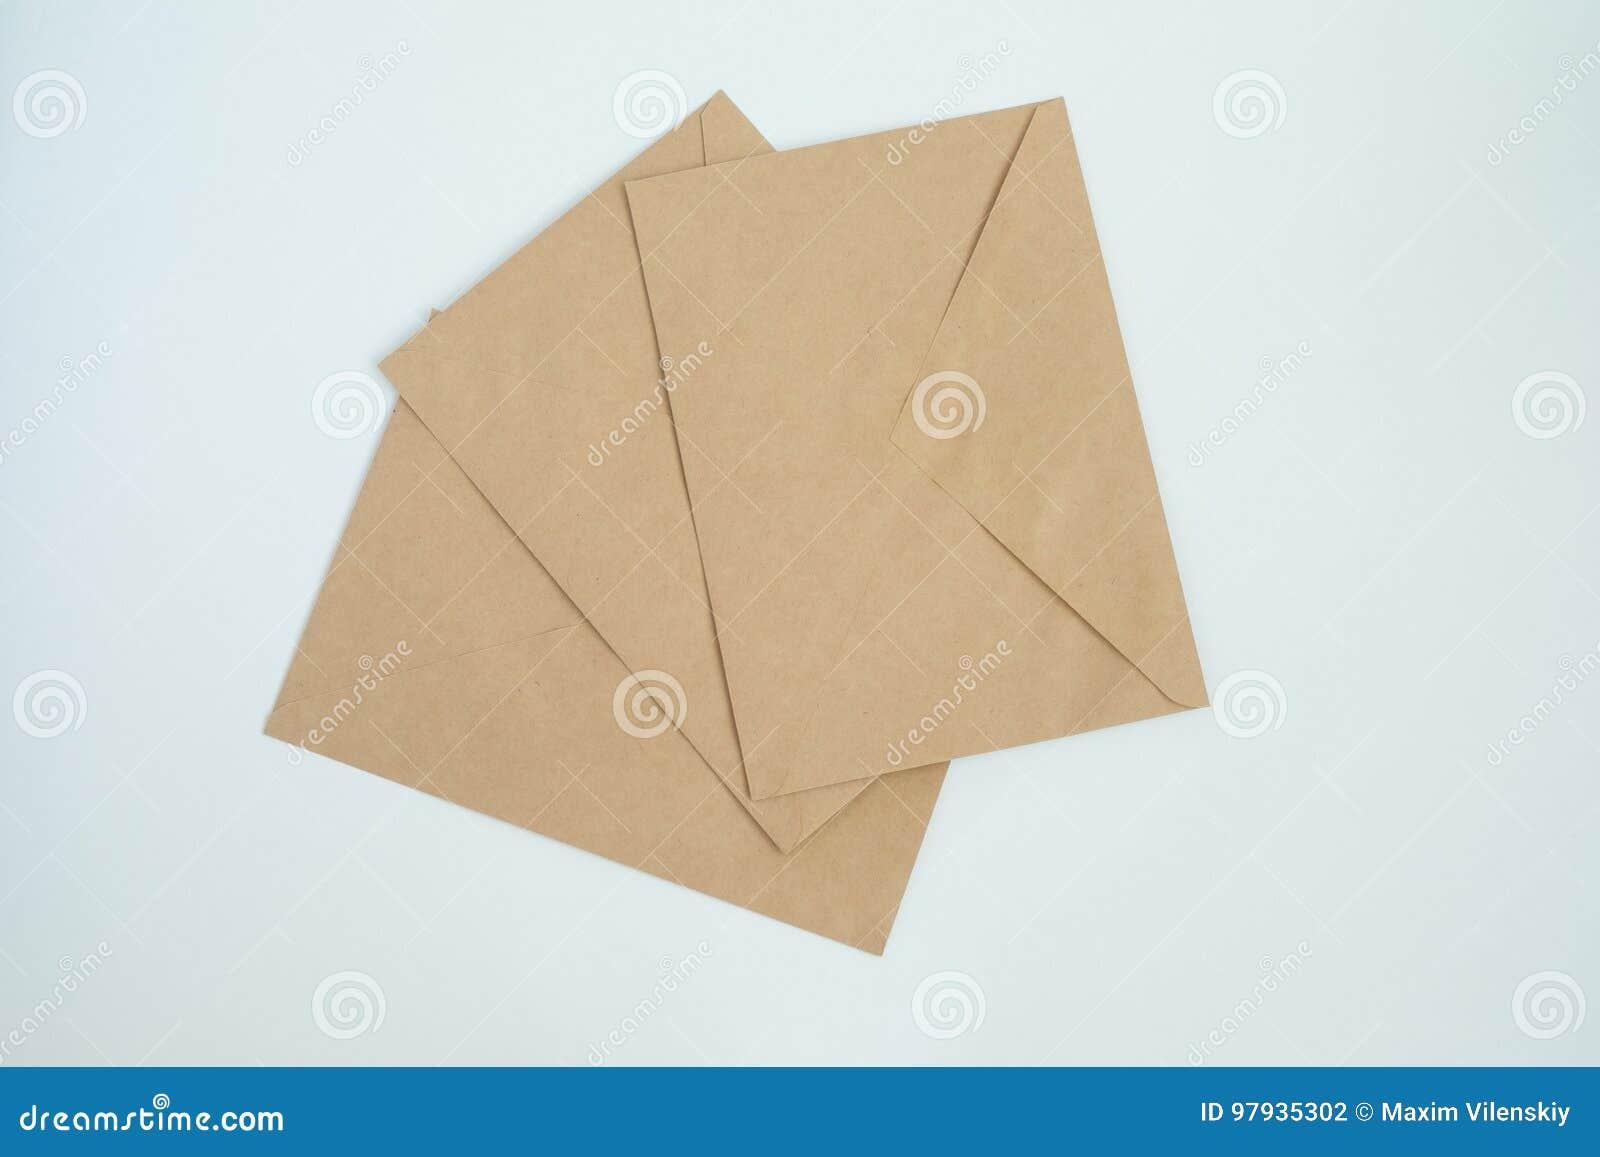 Verscheidene enveloppen van bruin brievendocument, op wit close-up als achtergrond, hoogste mening